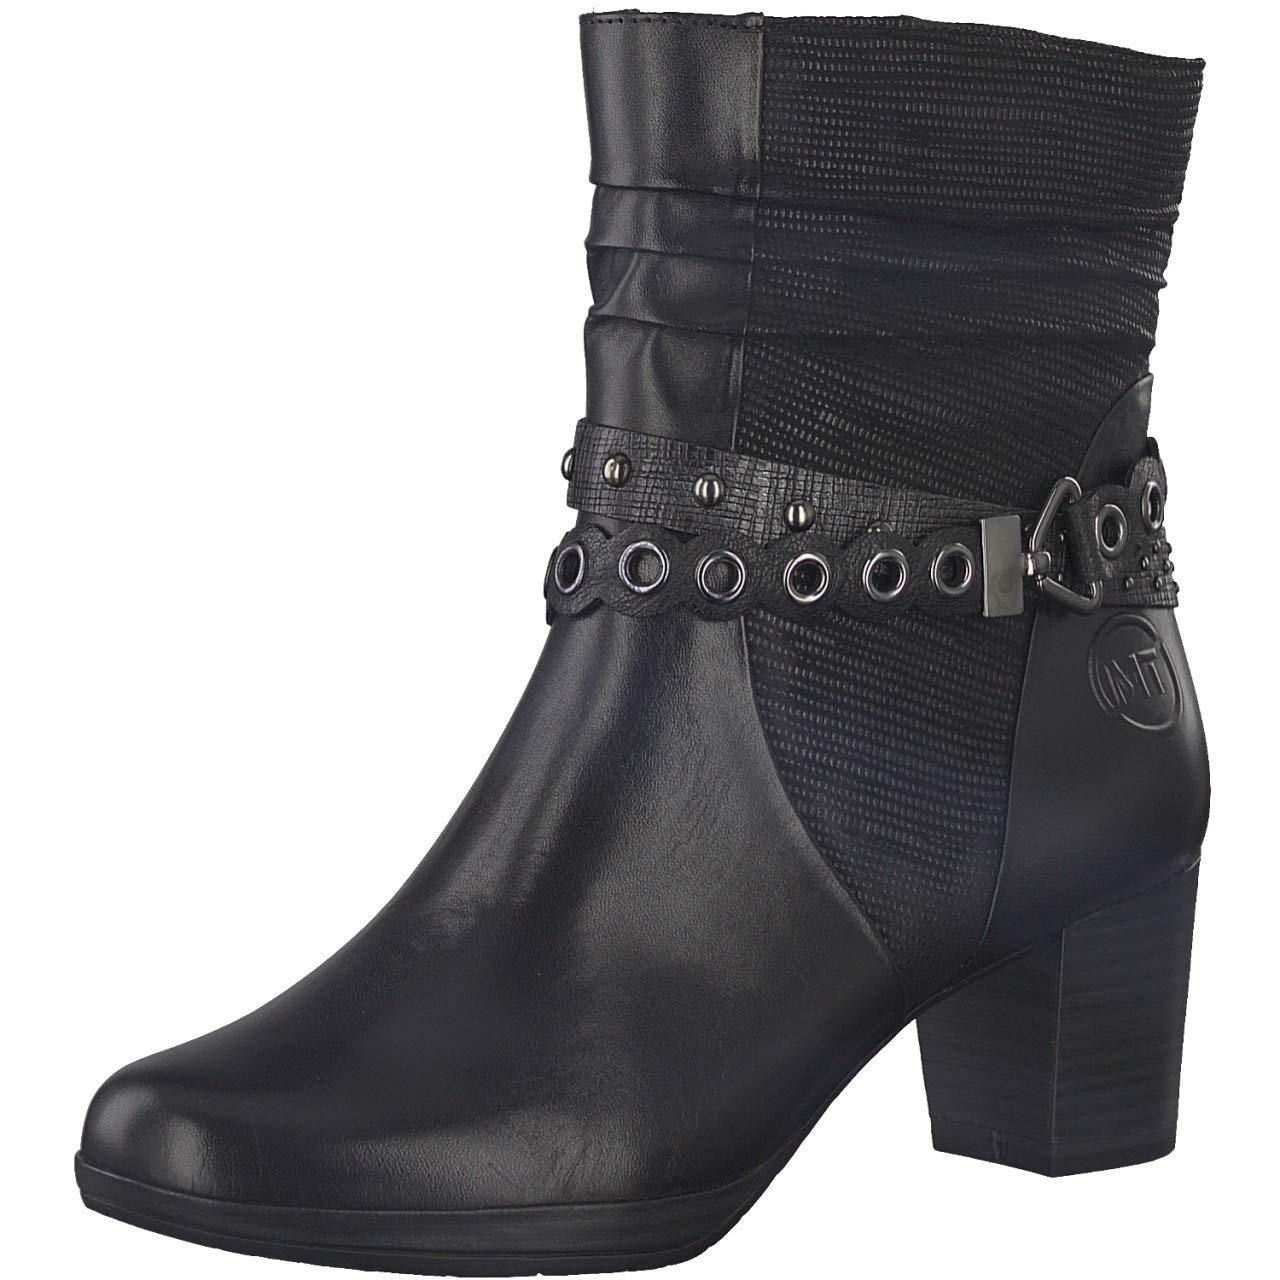 MARCO TOZZI 2-25385-21, 2-25385-21, 2-25385-21, Damen Stiefelette, schwarz, 37 EU (4 UK) da451b